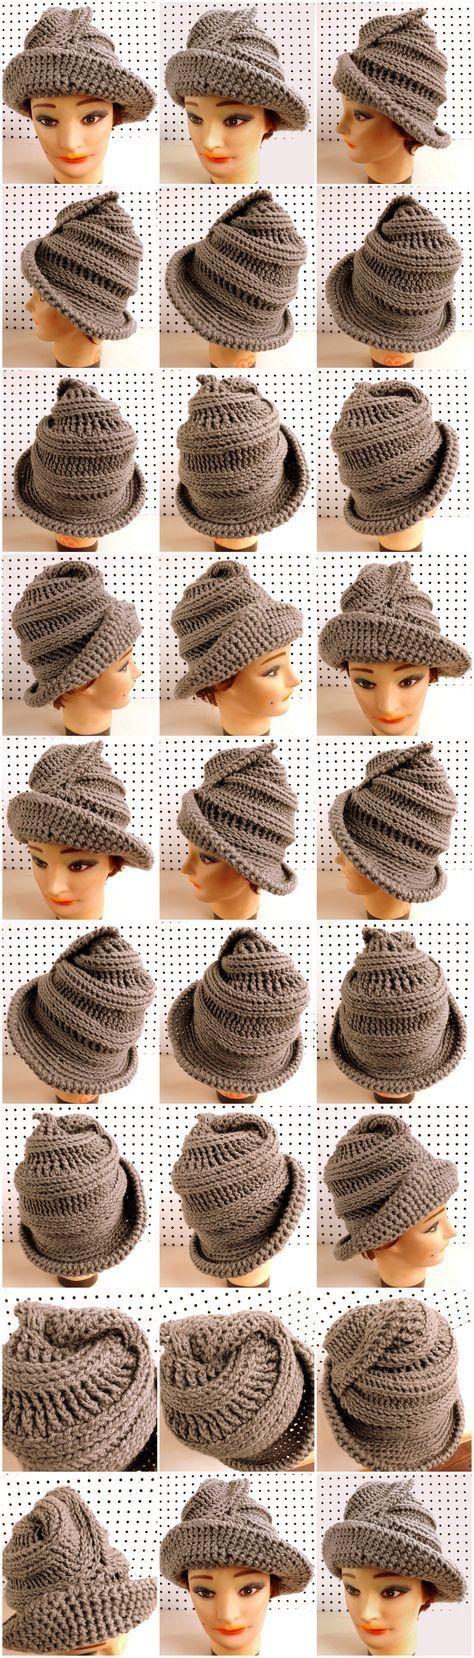 VIRGINIA Crochet Steampunk Wide Brim Hat in Gray #TrendyHatsForWomen